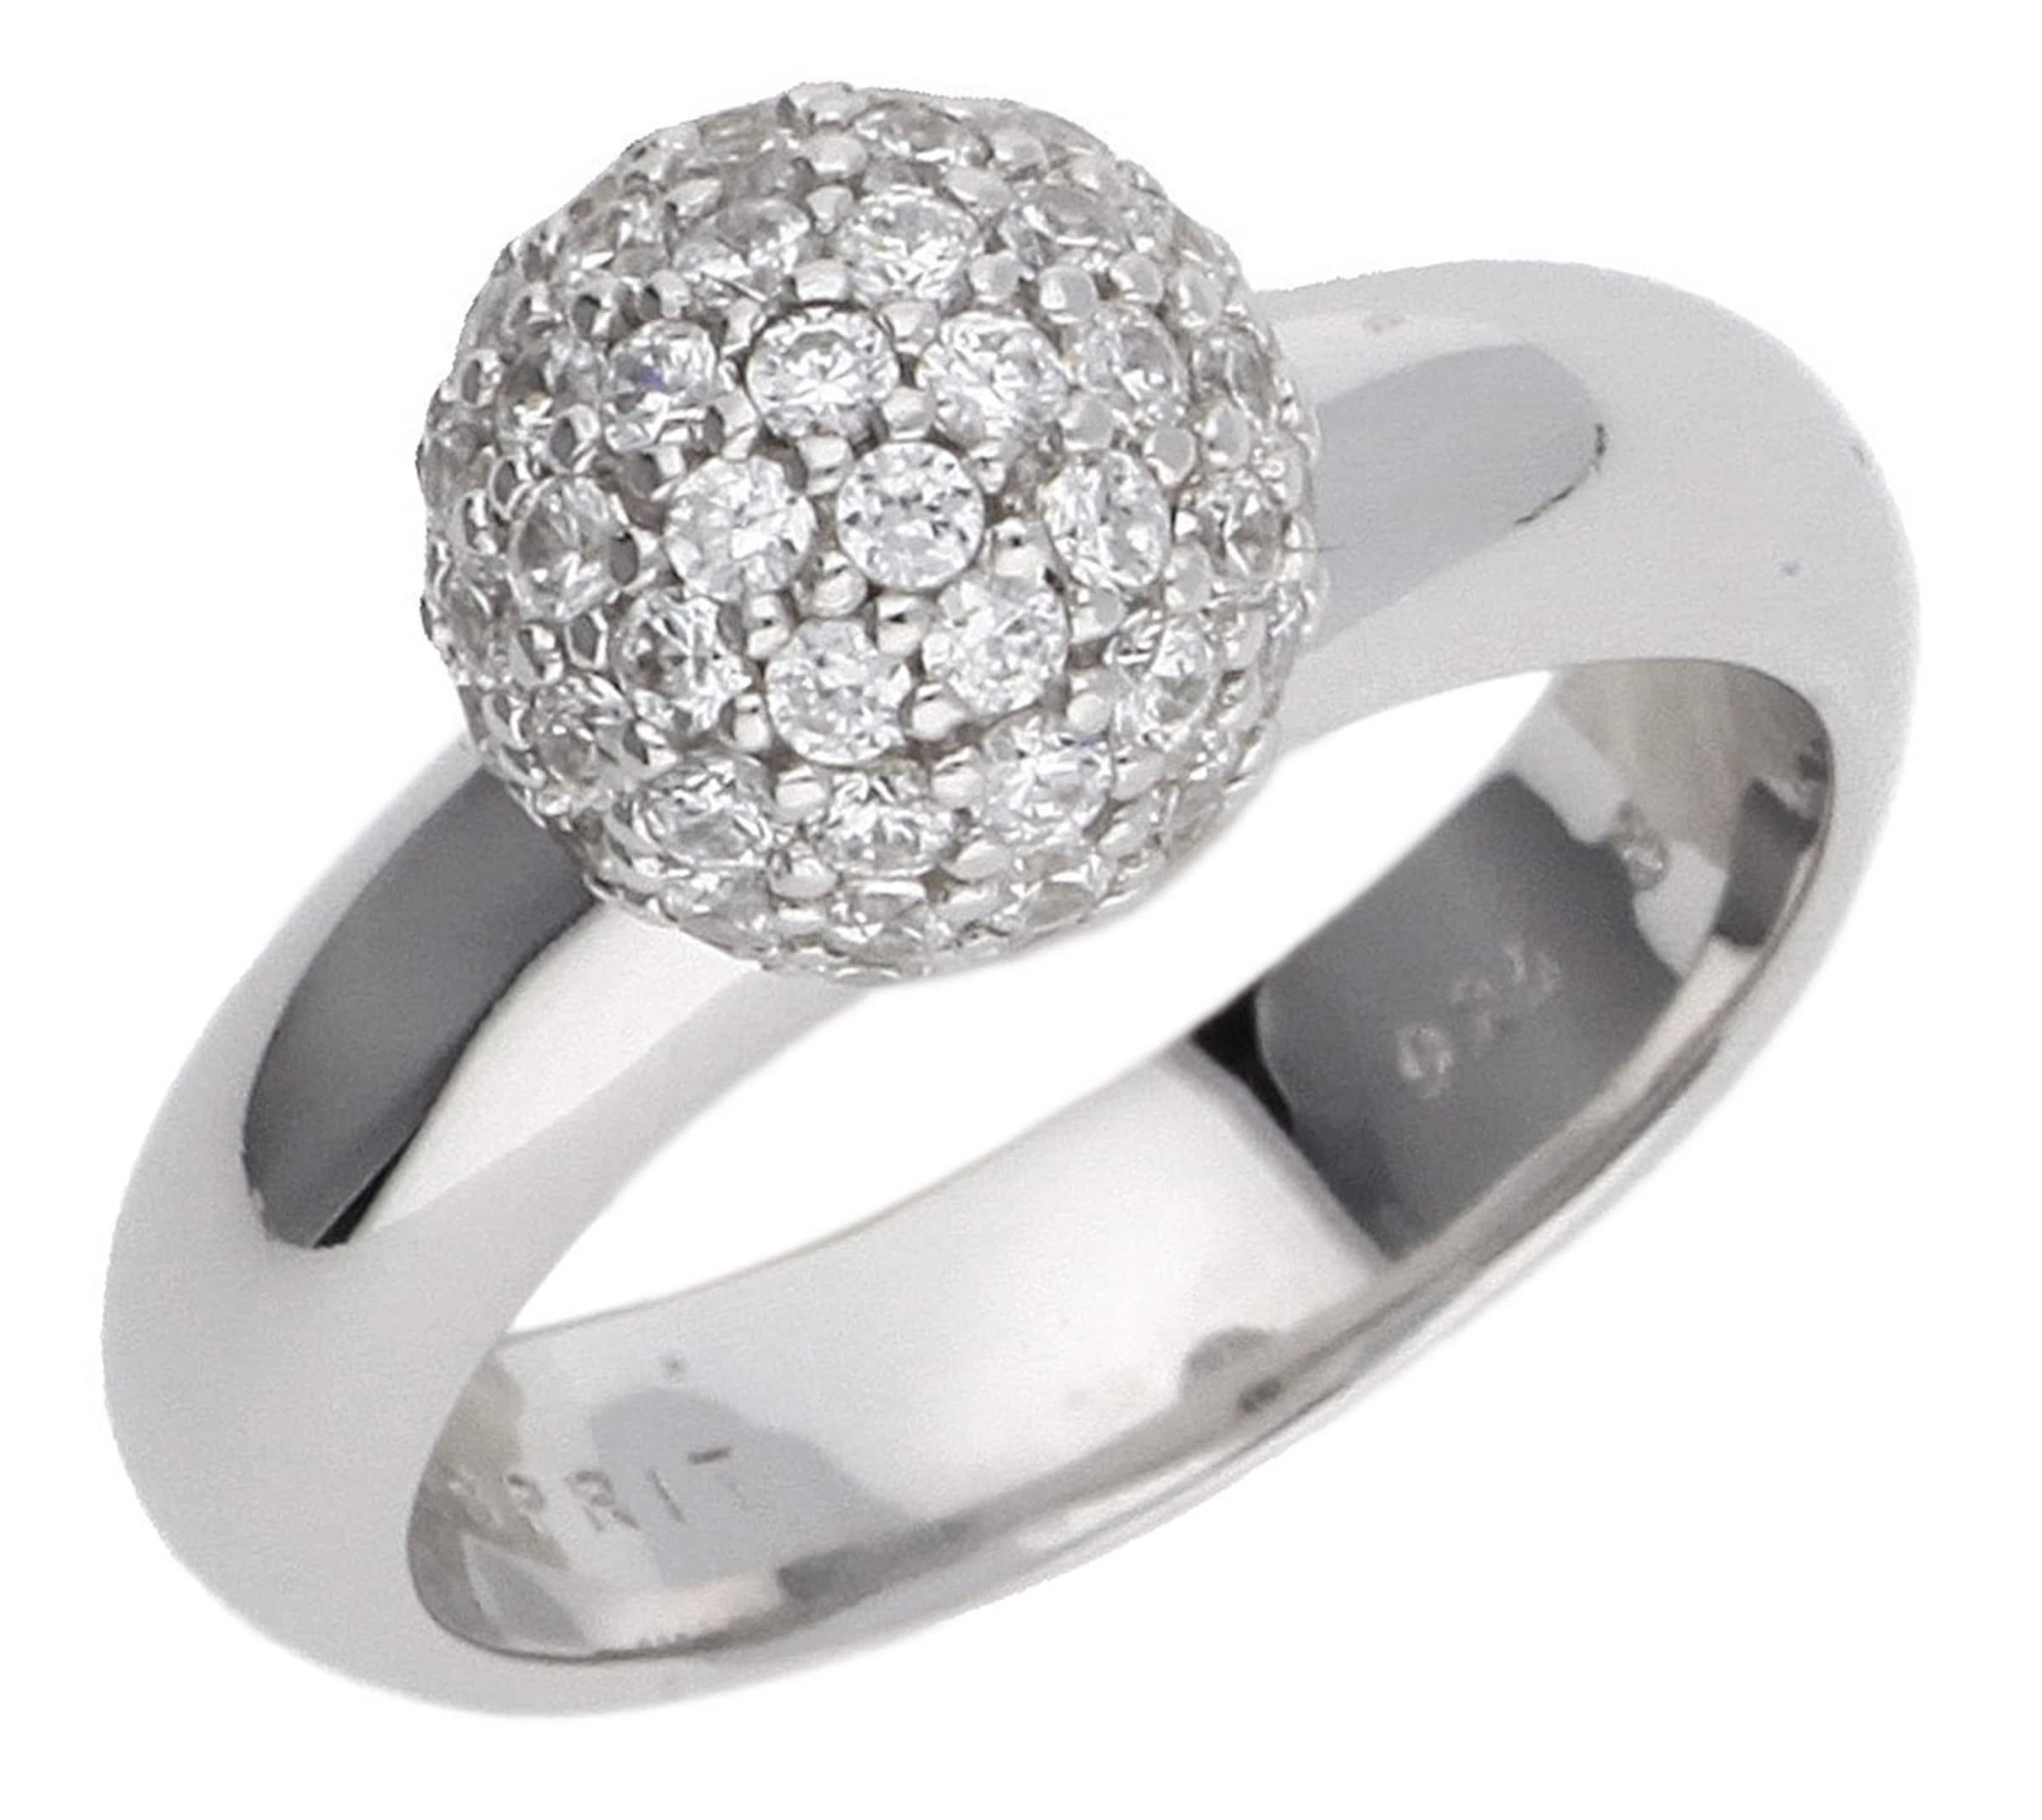 Für Schönen Günstigen Preis ESPRIT Damen Fingerring 925 Silber Silber Glam Sphere ESRG92309A Online Shop EksHz8mujq